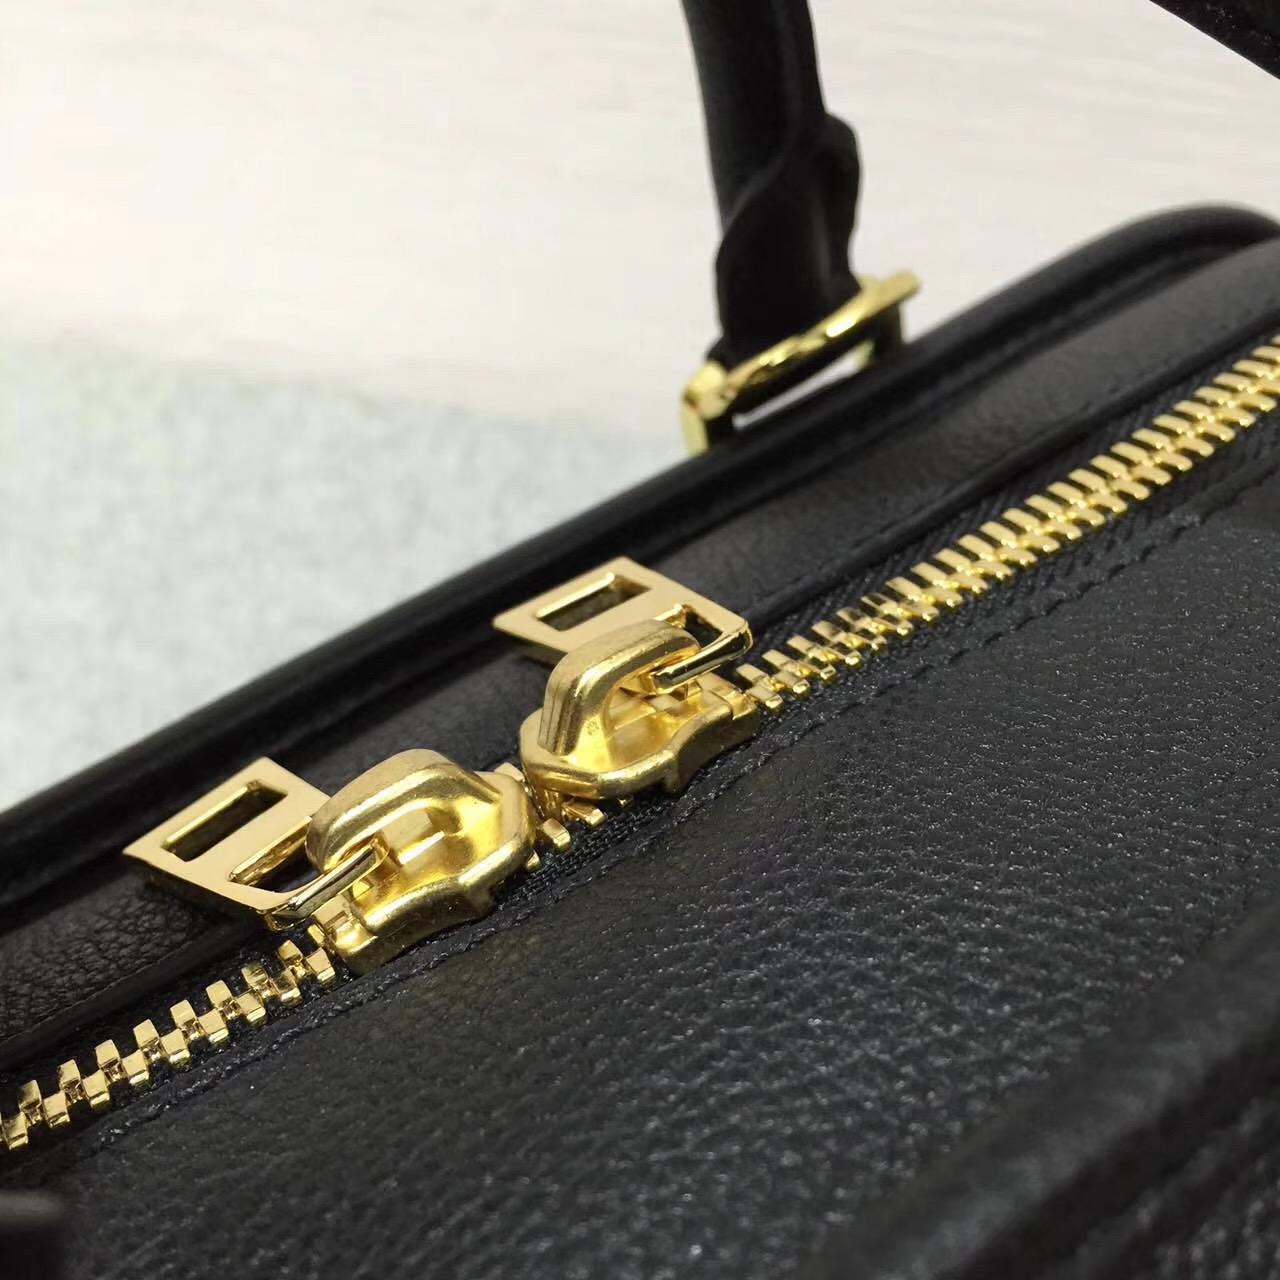 Loewe羅意威 采用粒面小牛皮经典代表作 Amazona 28 Bag 黑色